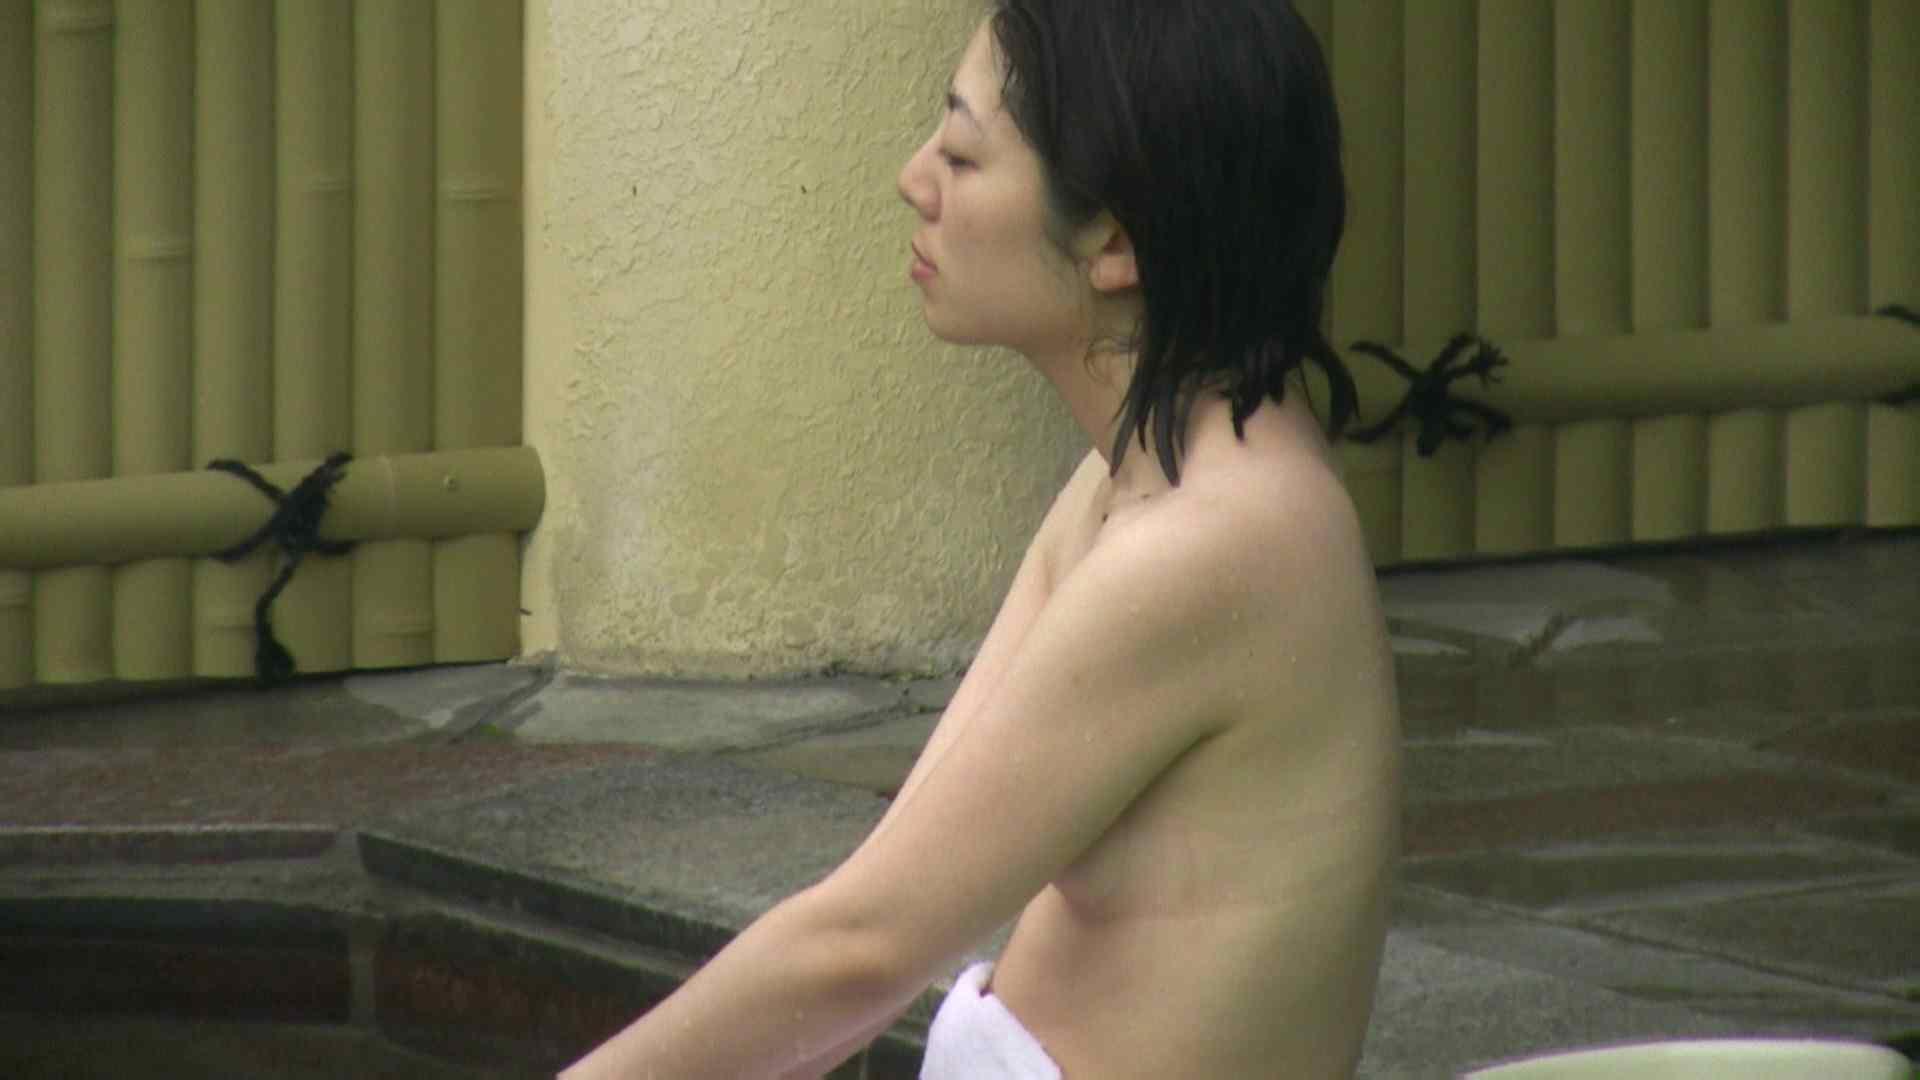 Aquaな露天風呂Vol.04 OLのエロ生活   盗撮  32連発 1